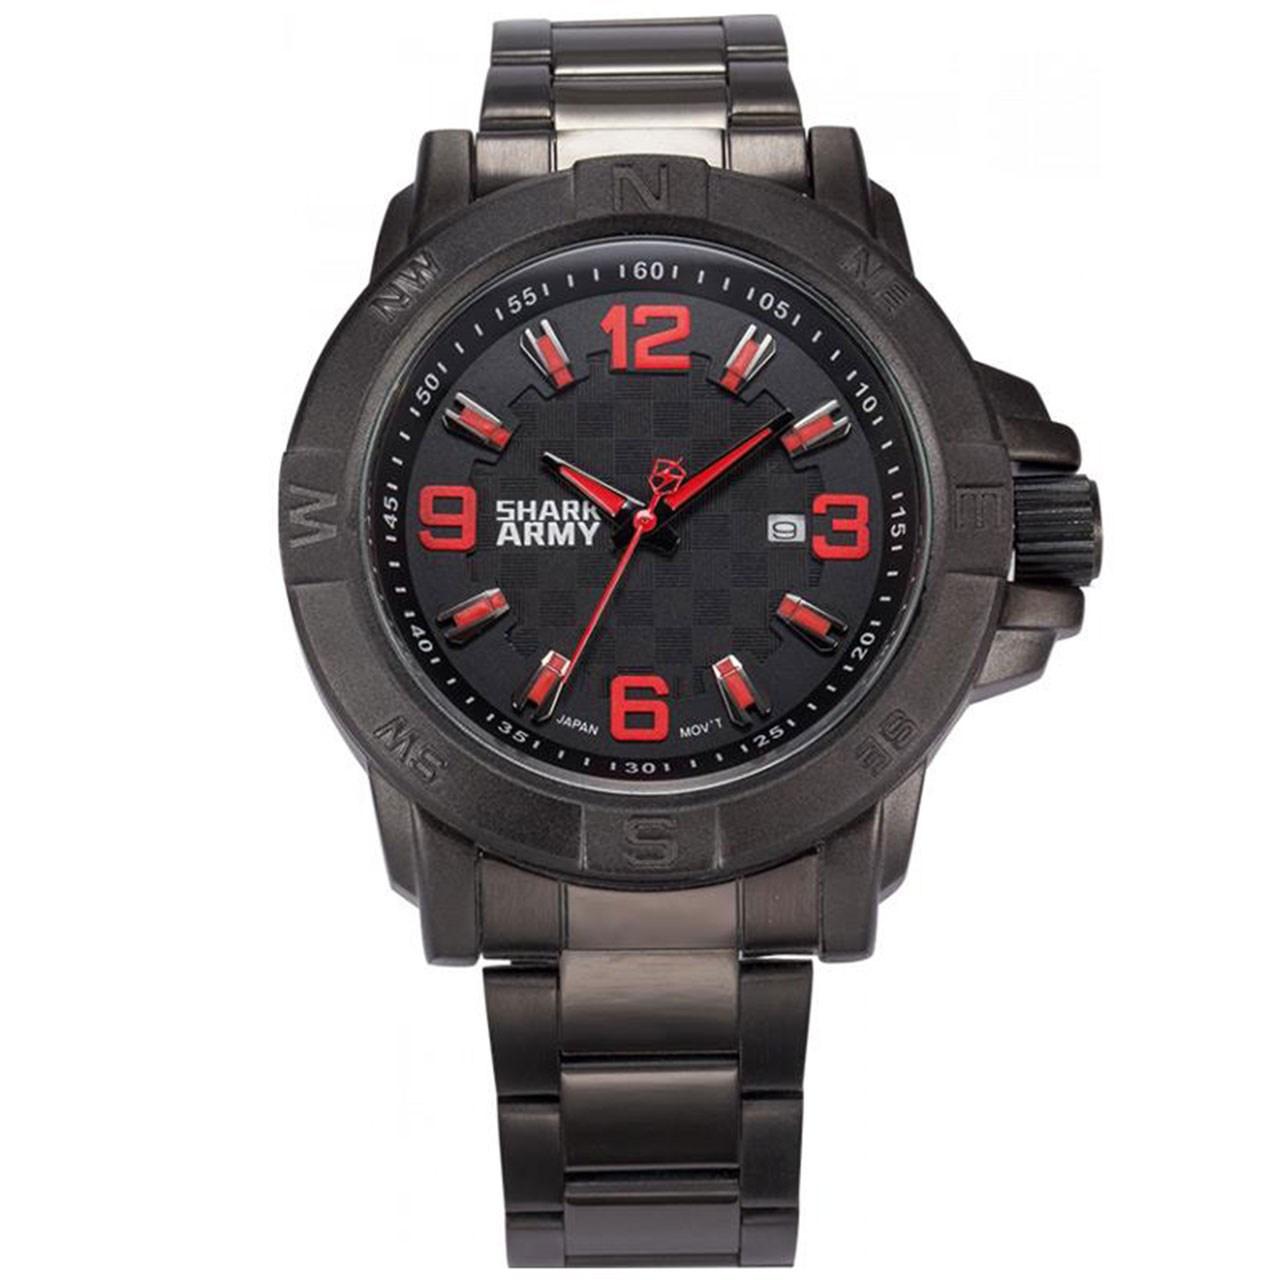 ساعت مچی عقربه ای مردانه شارک آرمی مدل Saw147